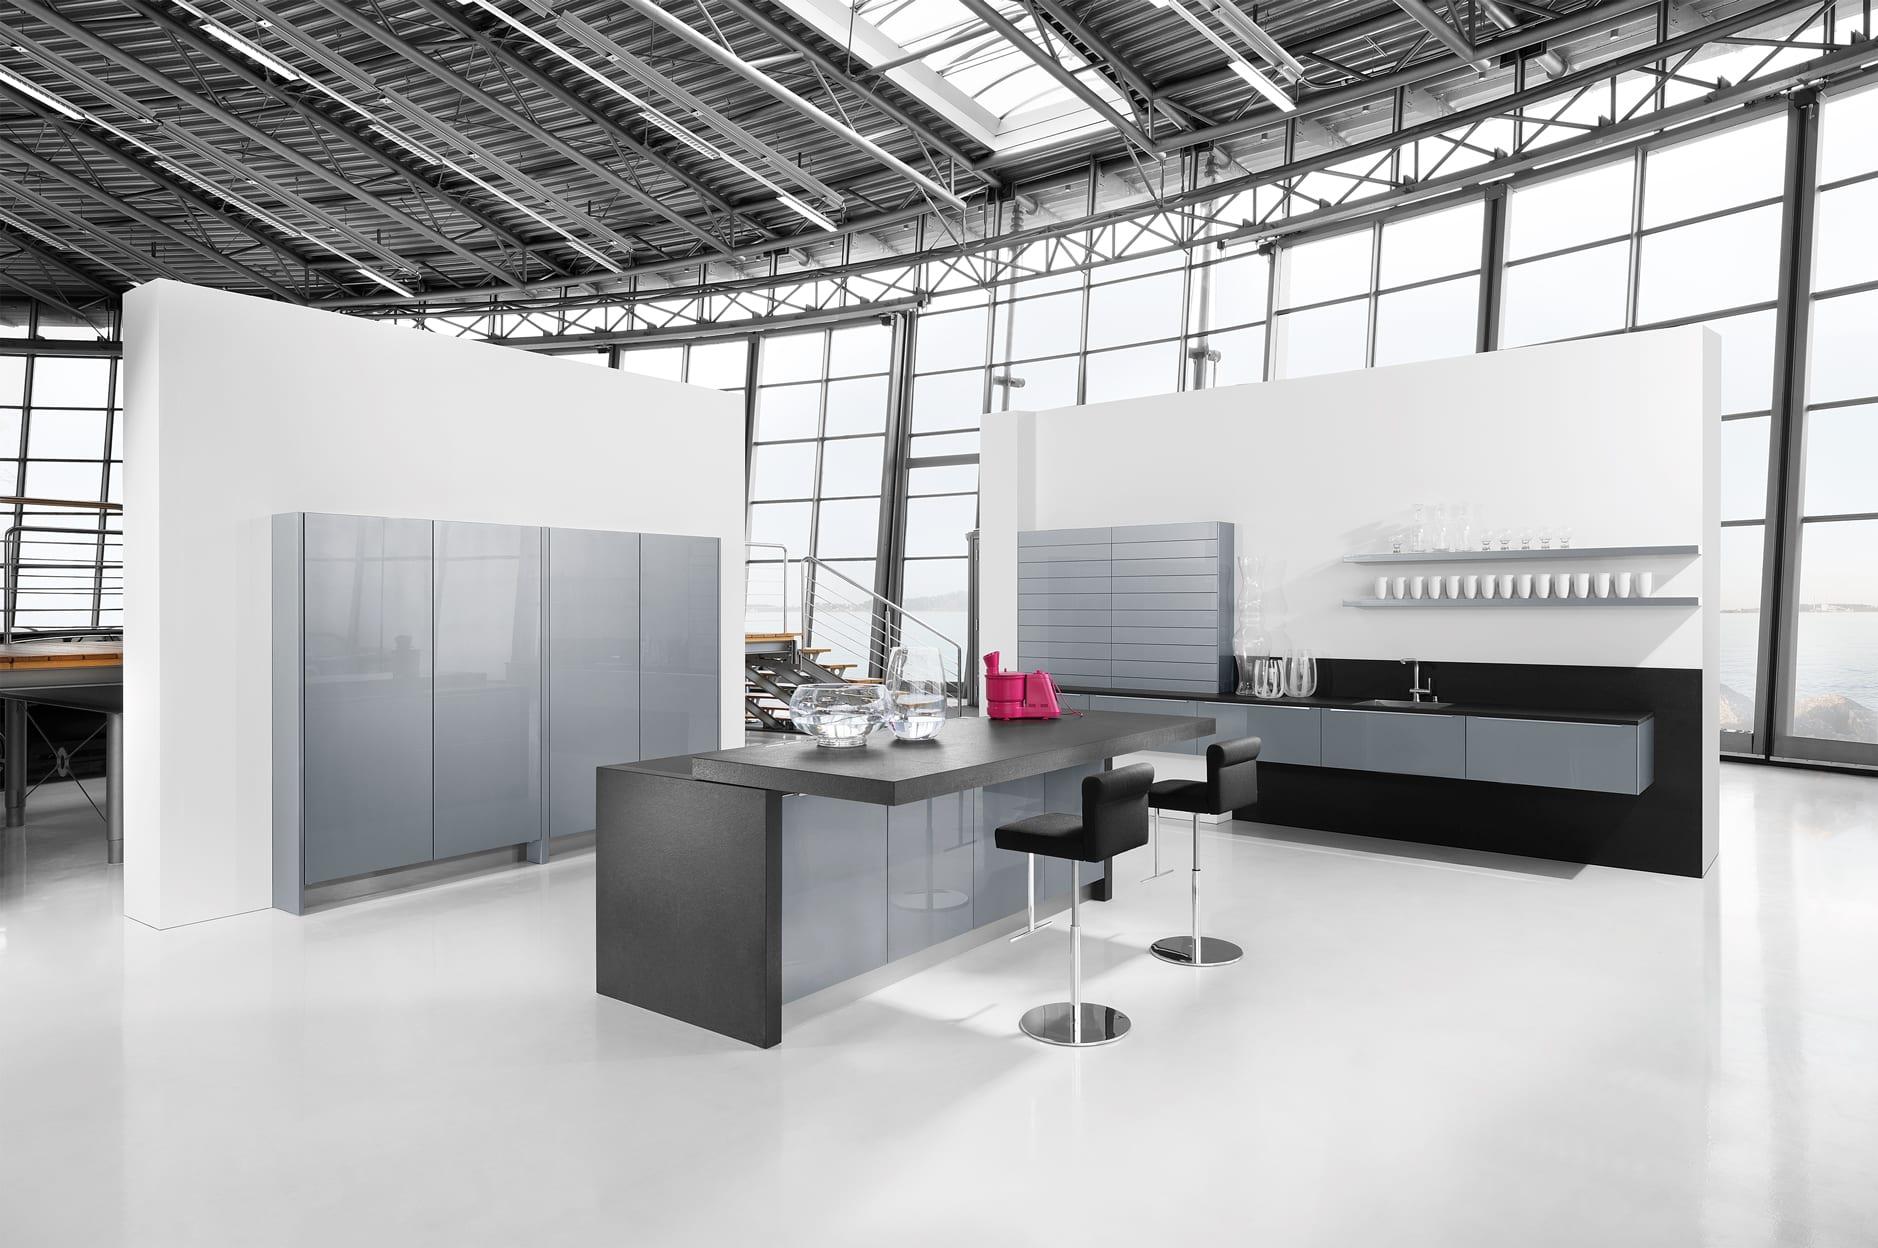 Glass Silver Grey Metallic - Net Kitchens Direct, Walthamstow